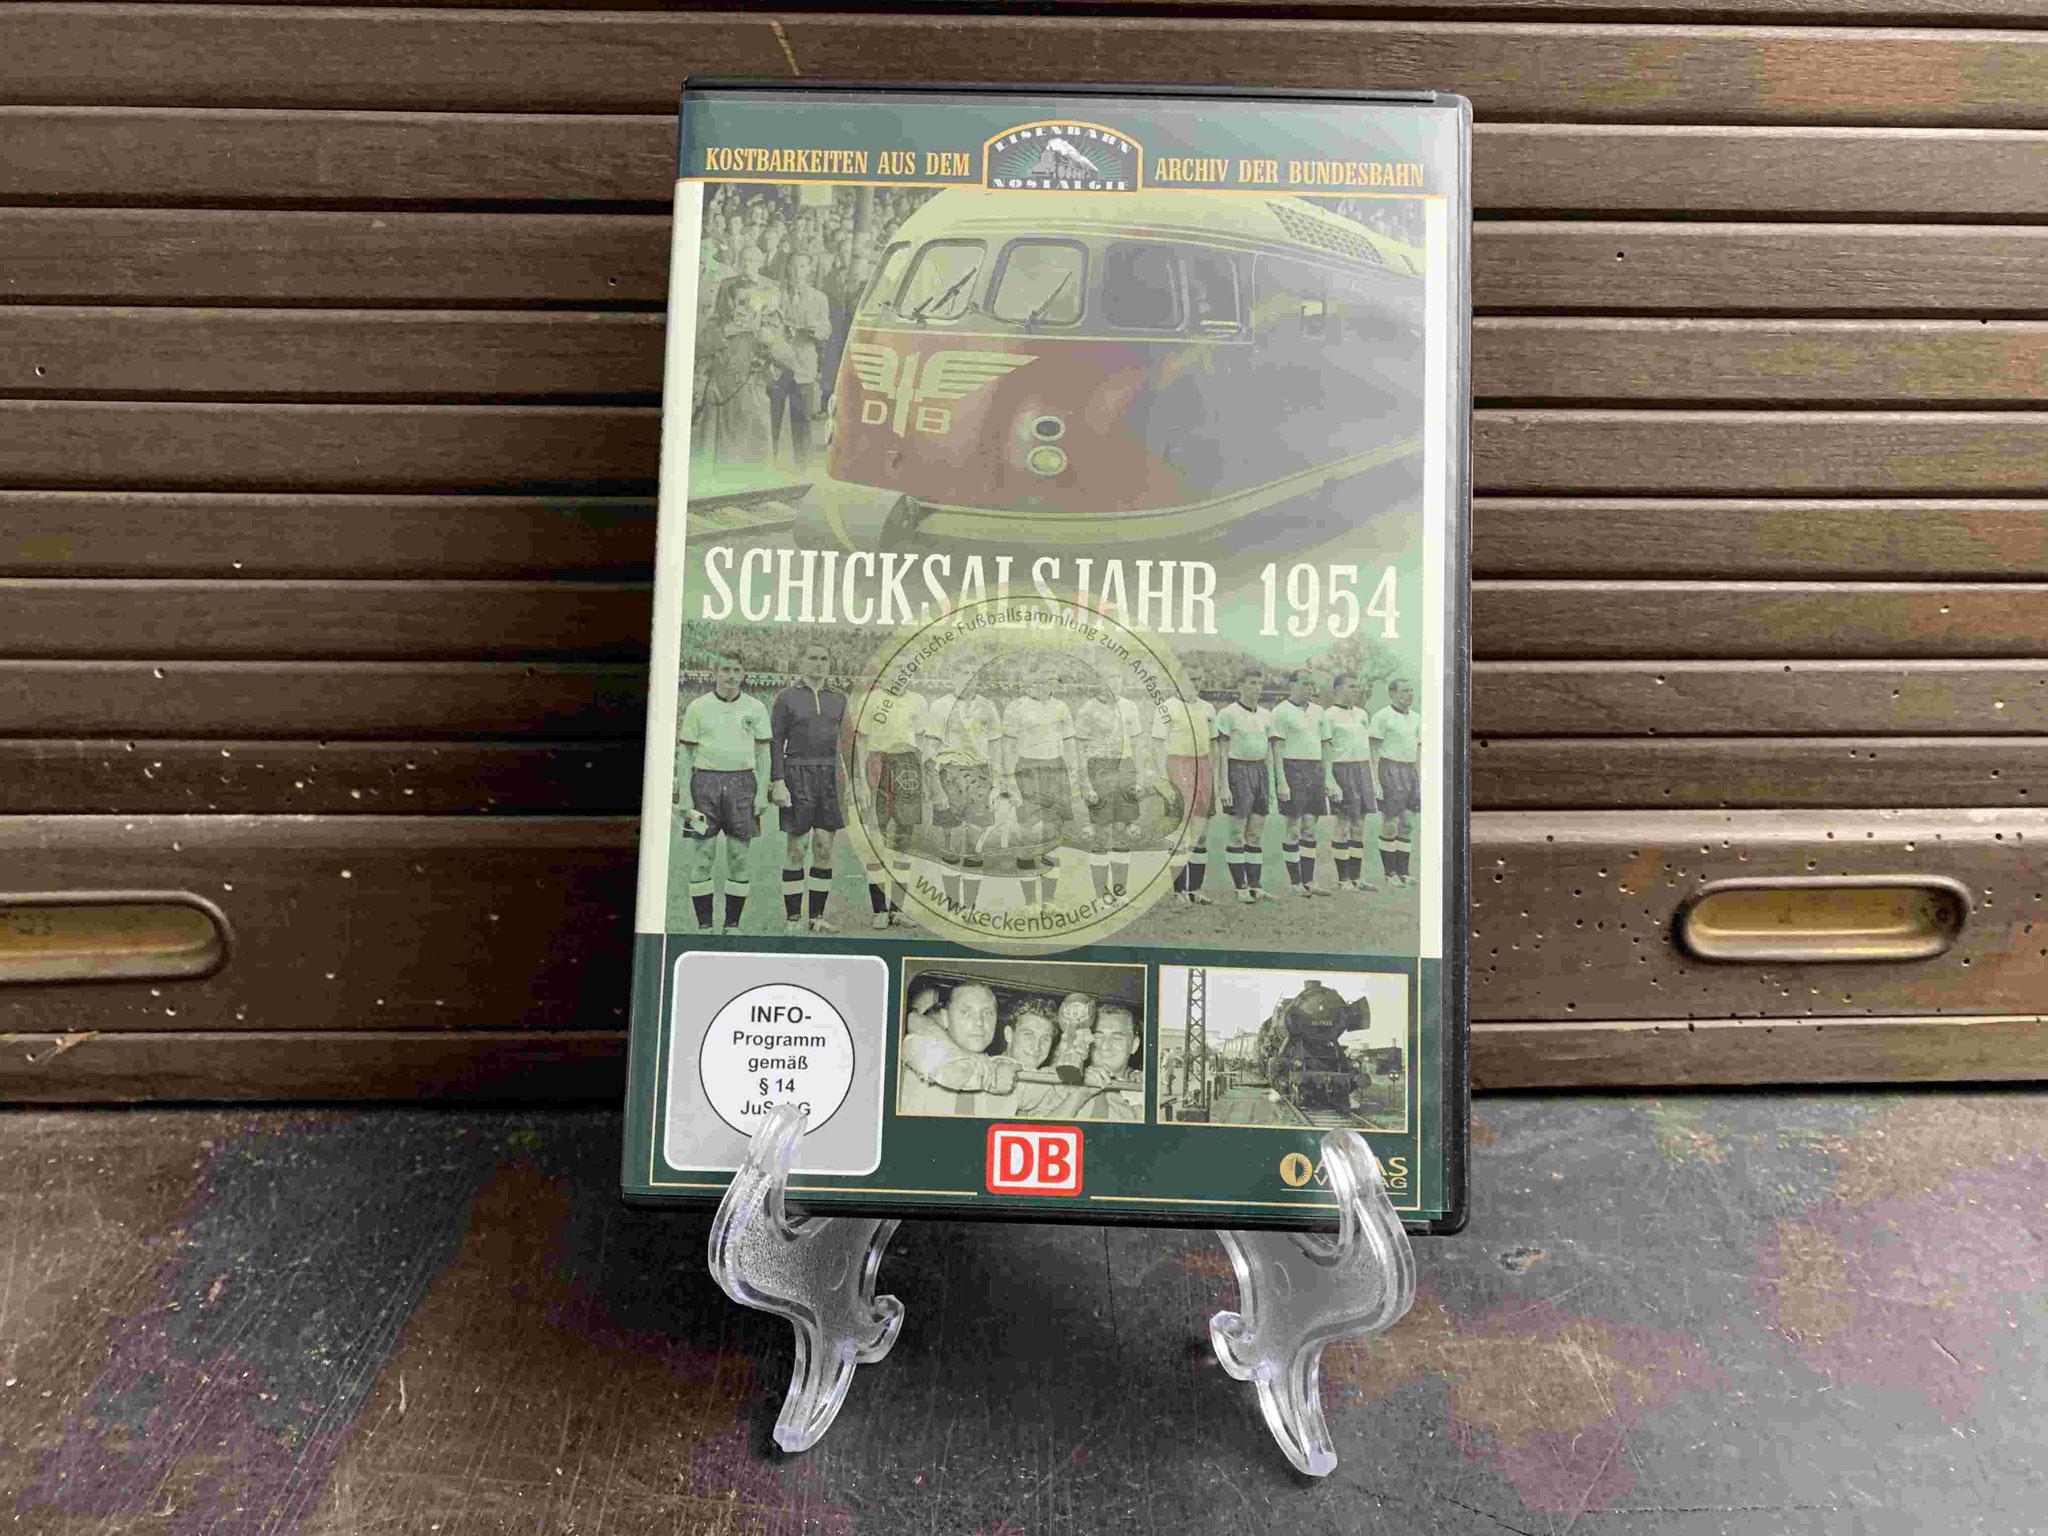 20070316 Schicksalsjahr 1954 Die Jahreschronik der Deutschen Bahn